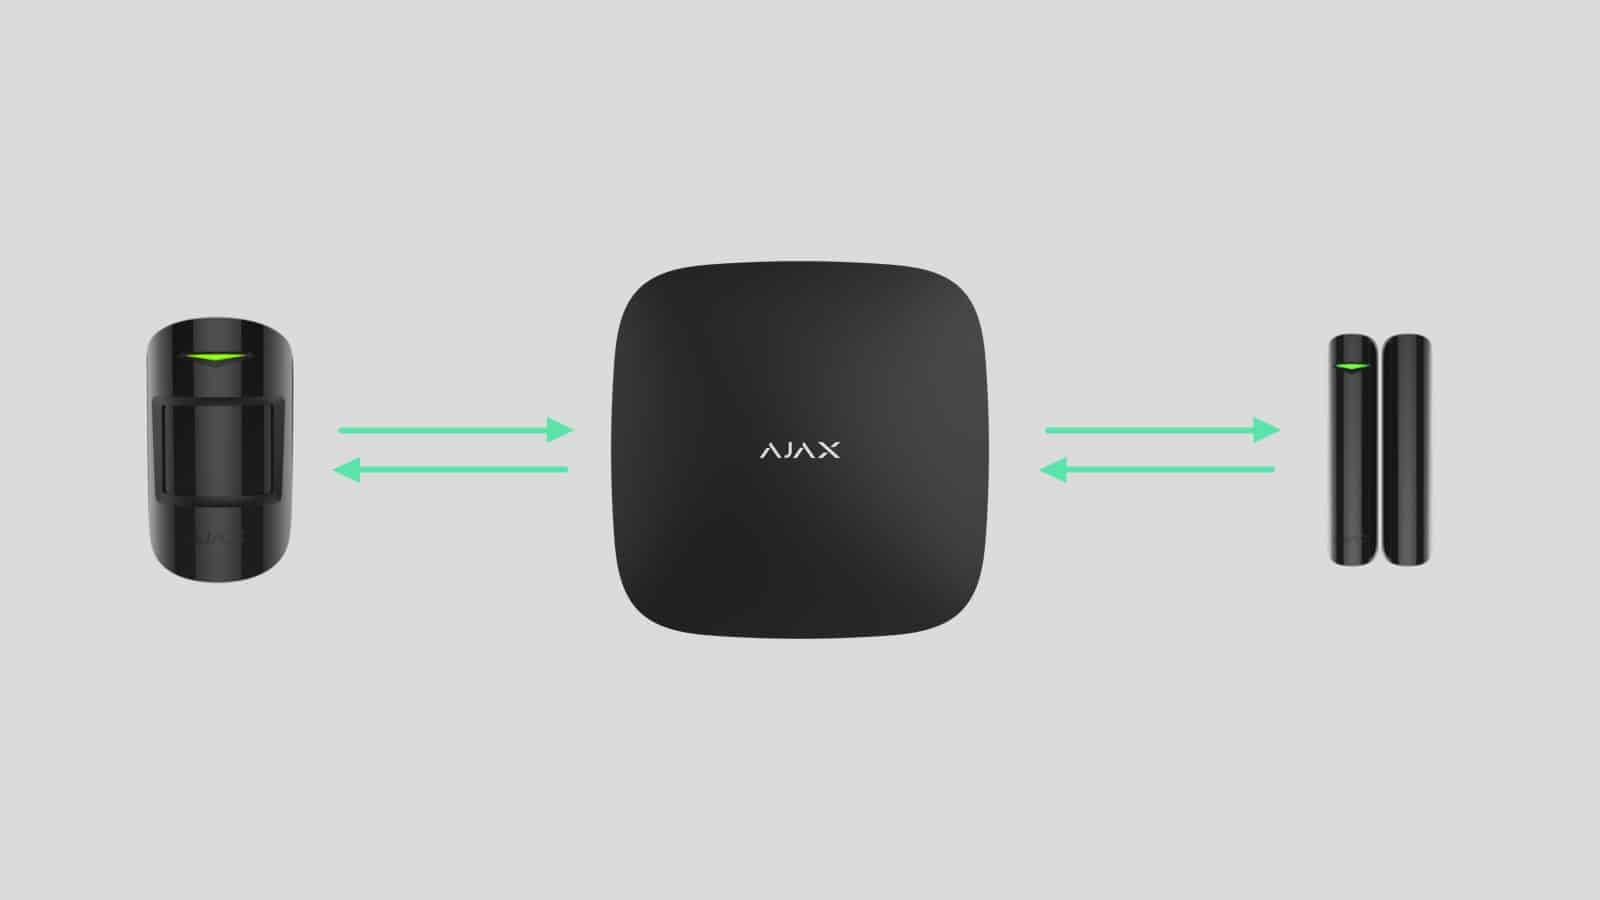 Πώς το σύστημα ασφαλείας Ajax χρησιμοποιεί αμφίδρομη σύνδεση